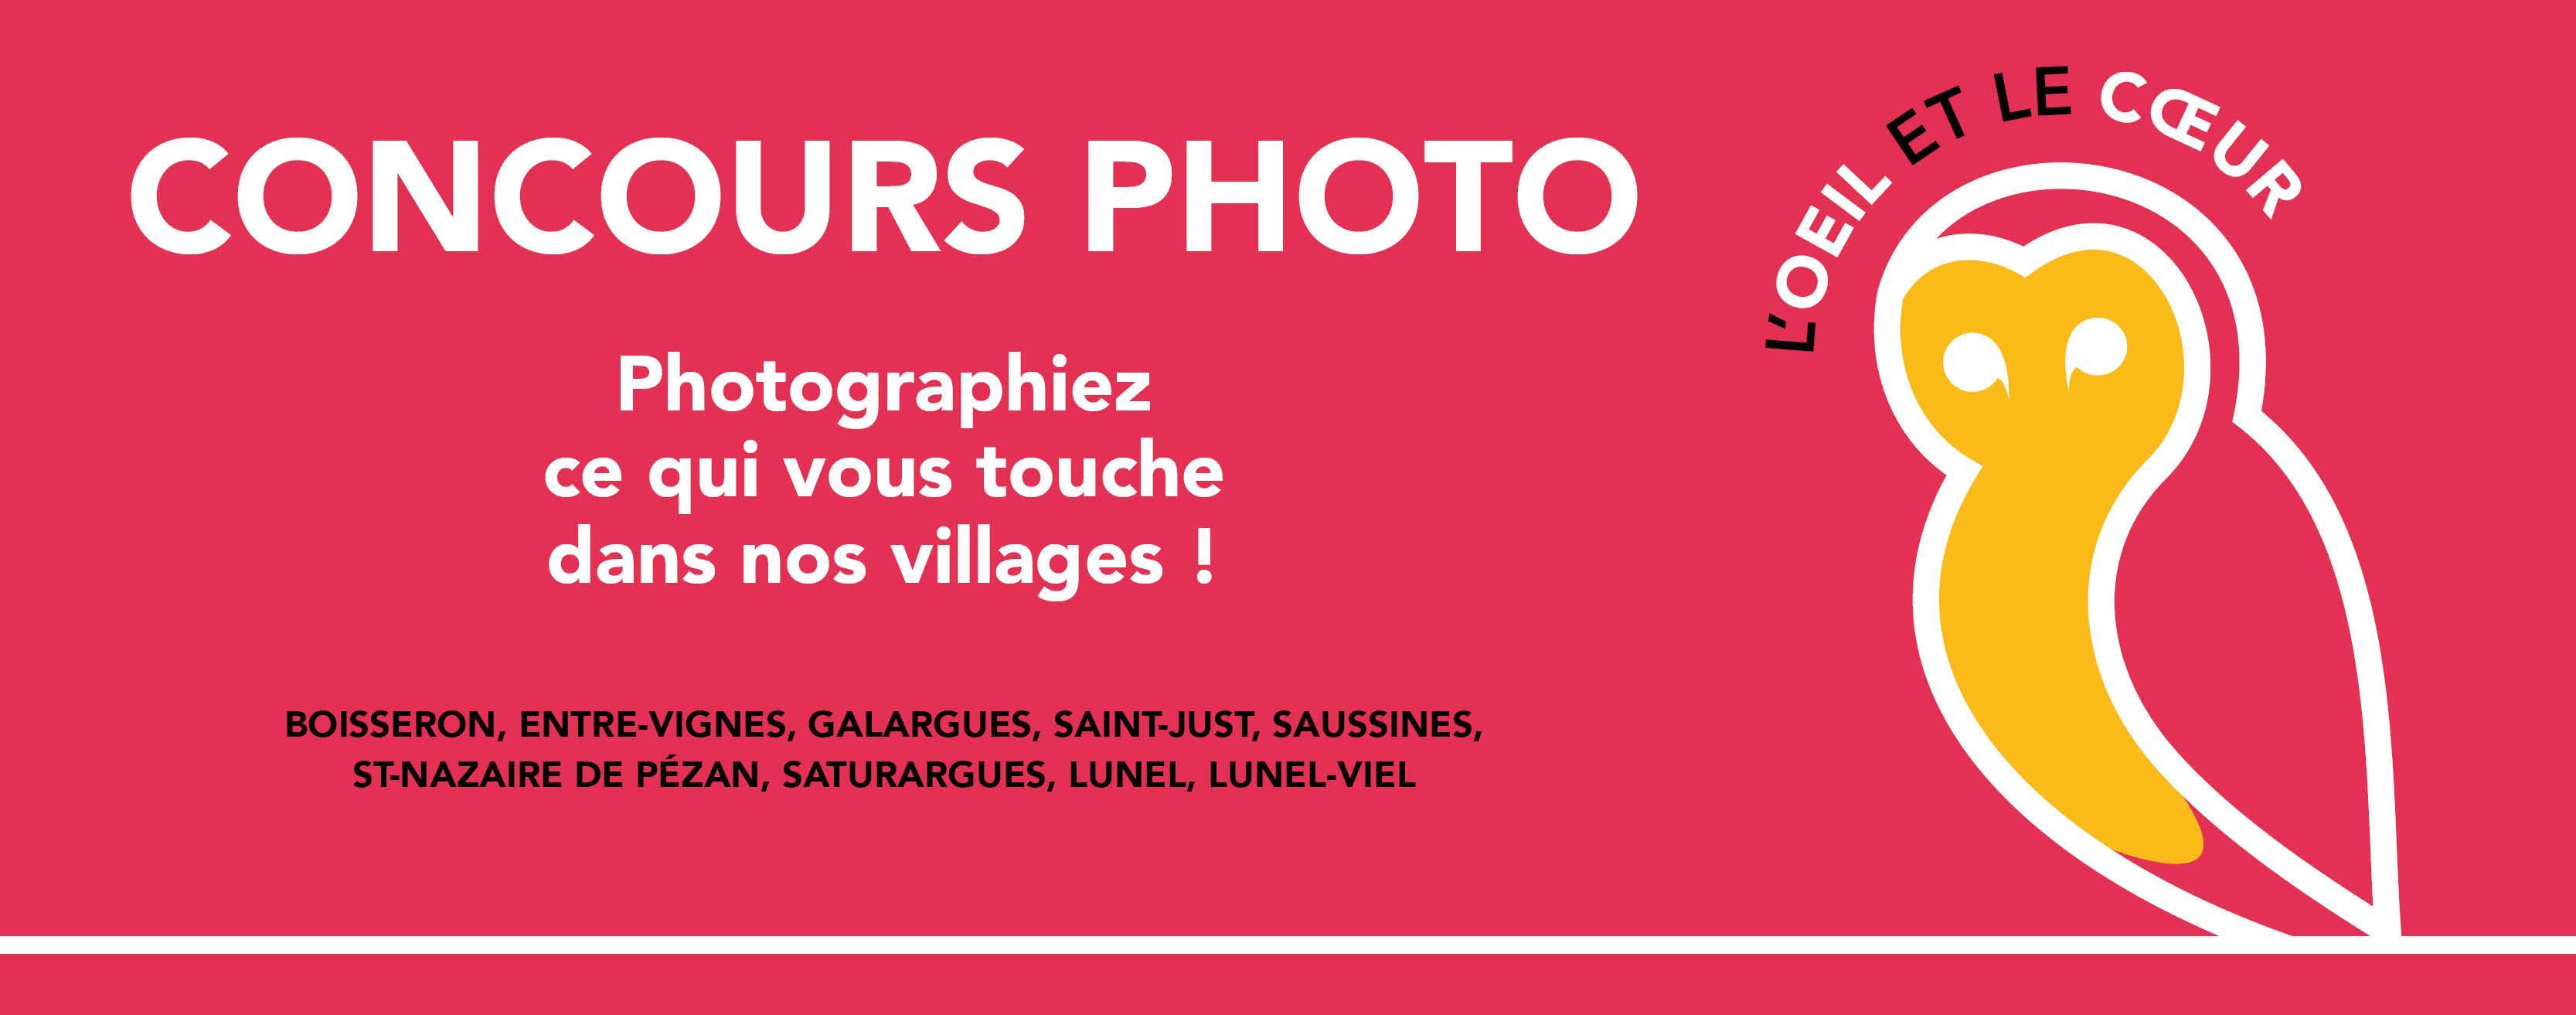 Image de couverture - Concours photos intercommunal